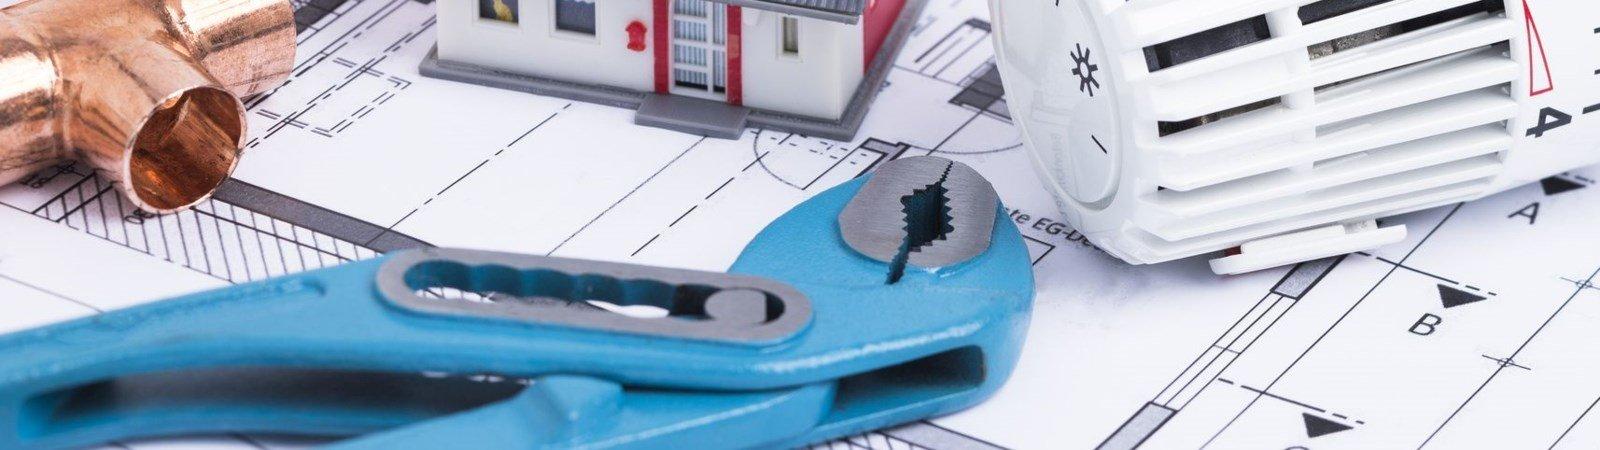 Heizung reparieren: Häufige Heizungsprobleme und was Sie dagegen tun können